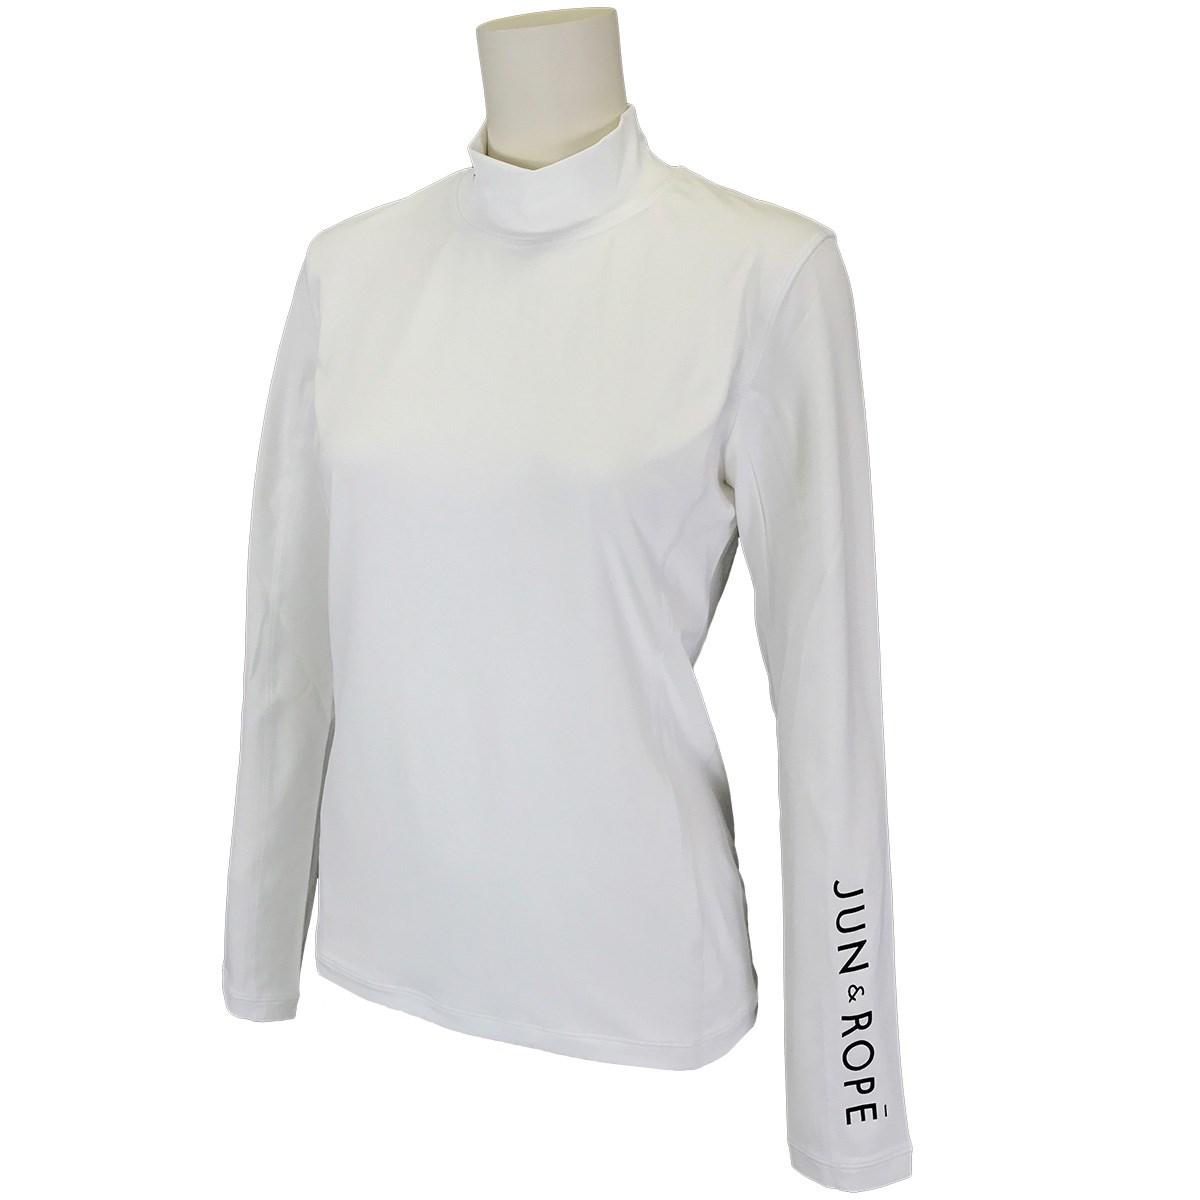 ジュン アンド ロペ JUN & ROPE モックネック長袖UVインナーシャツ M ホワイト 10 レディス